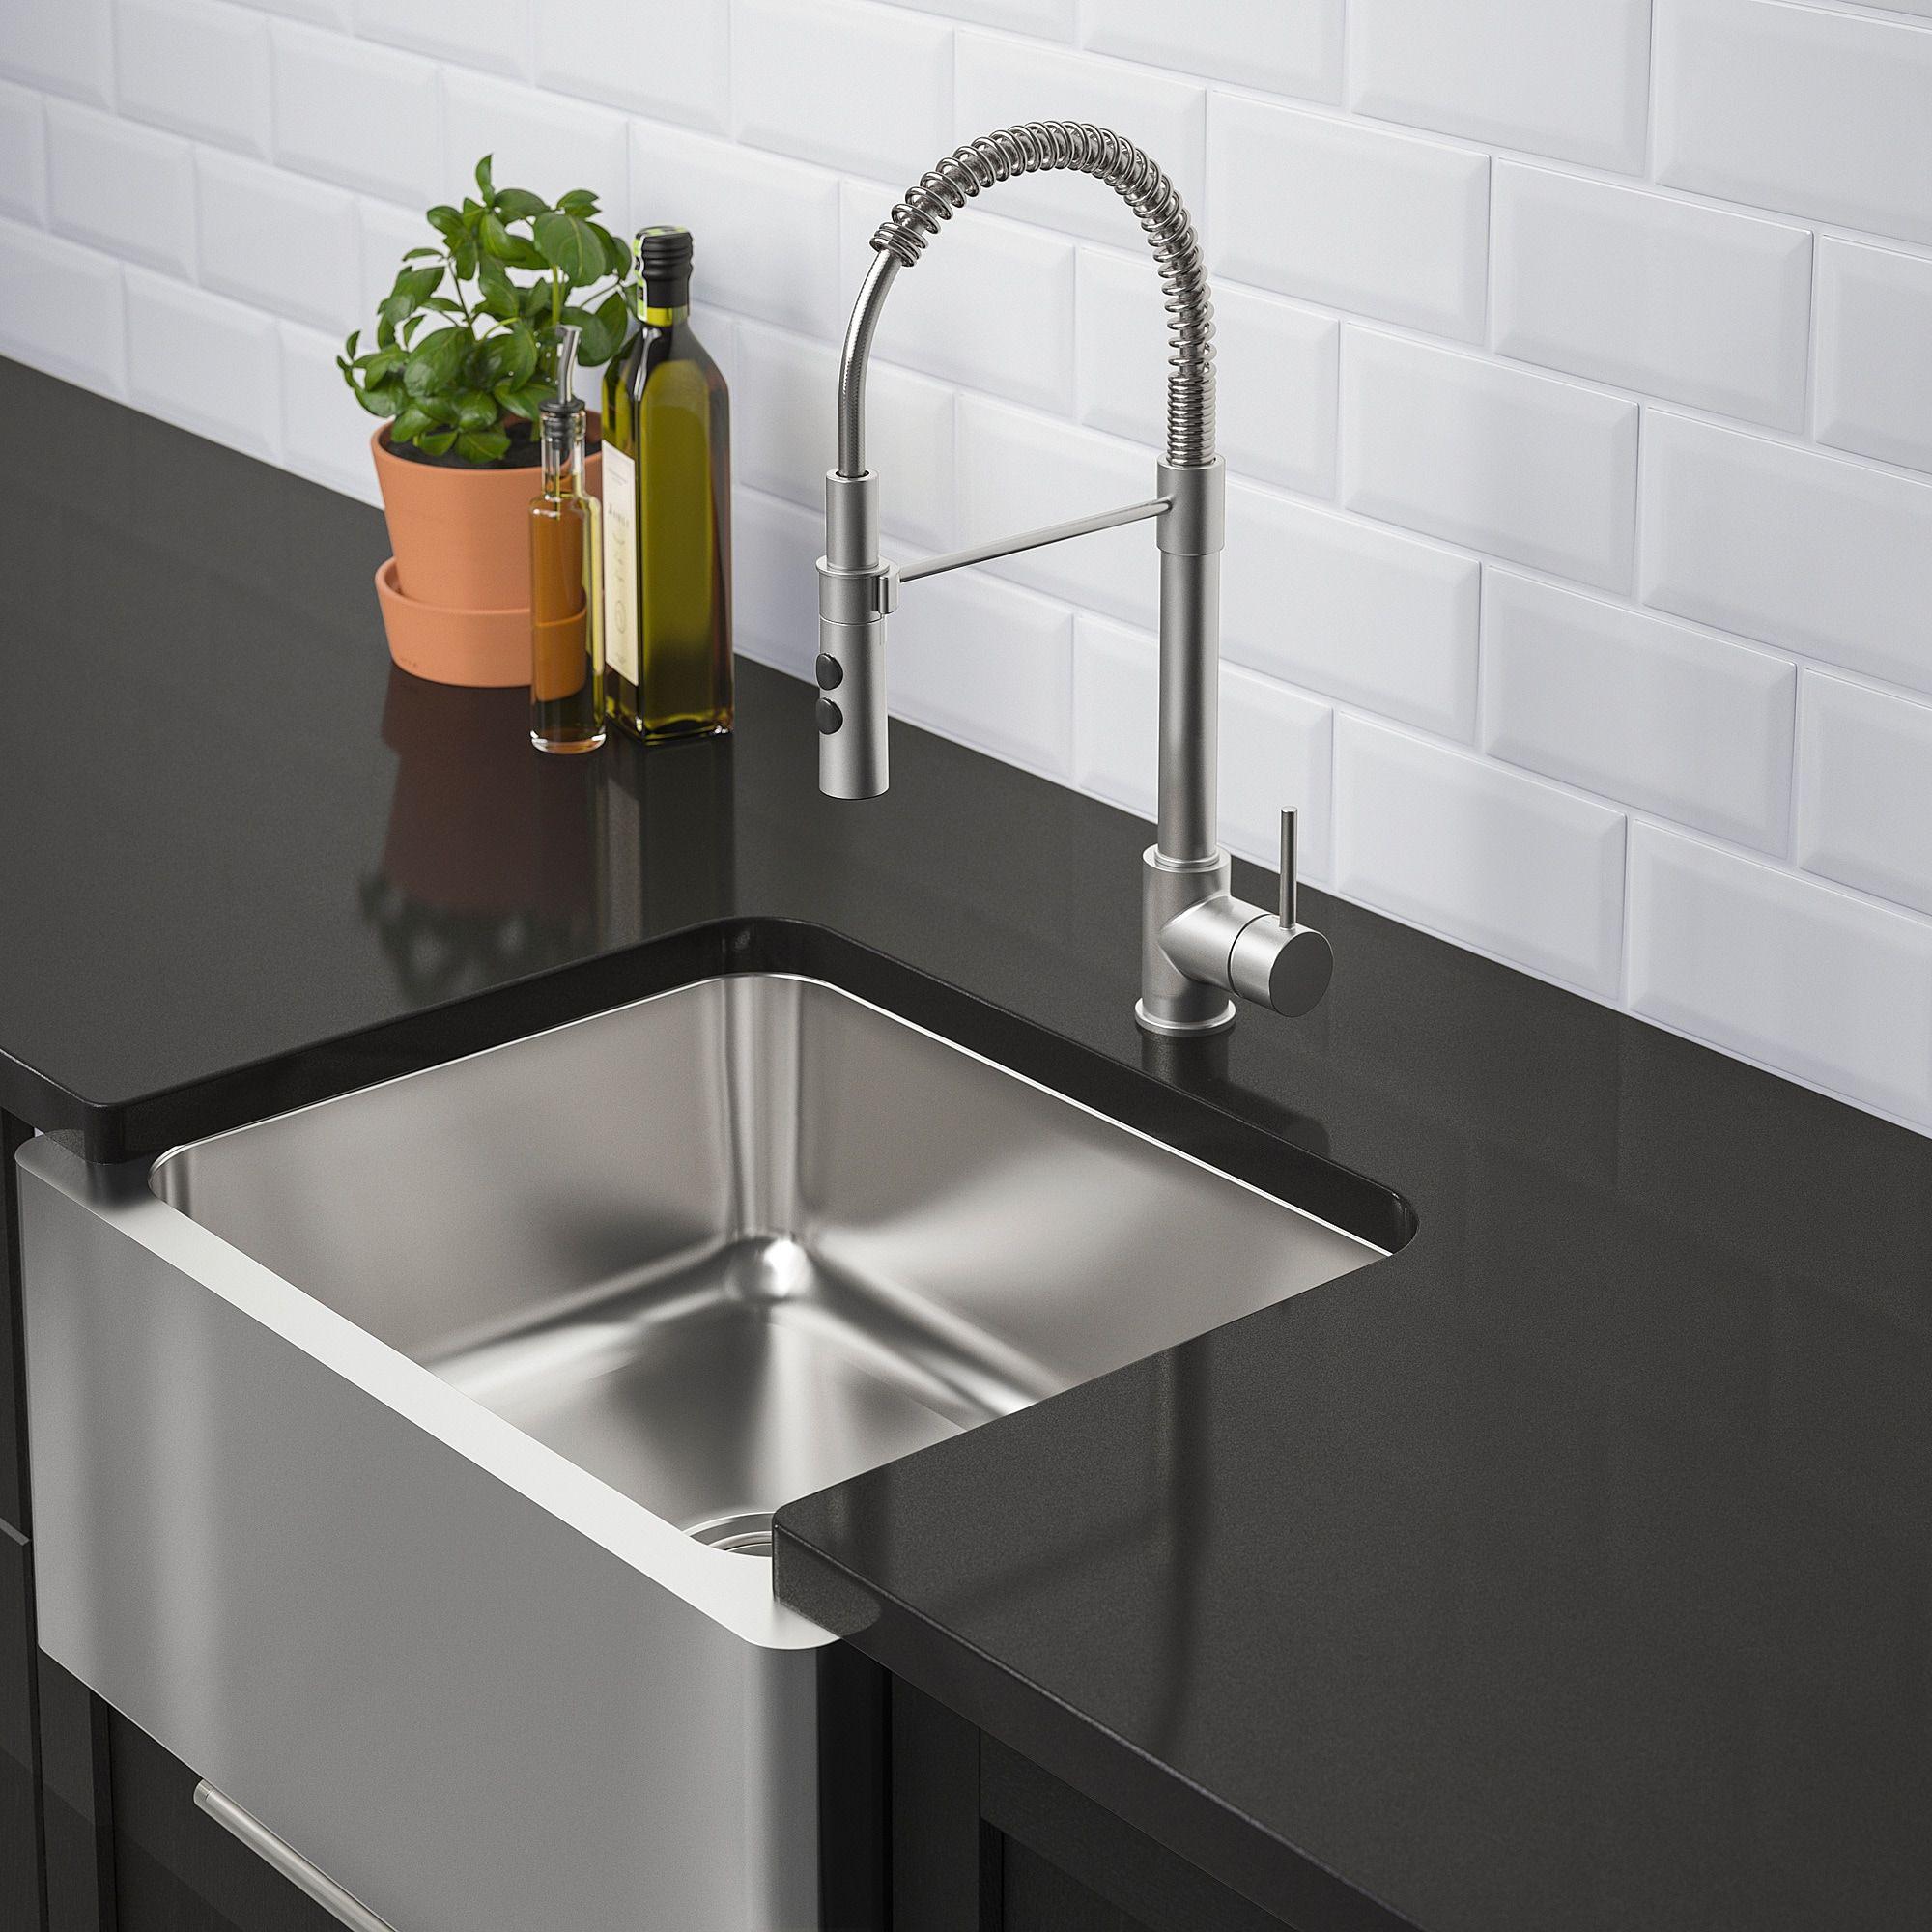 Under sink tap lemon air freshener plug in